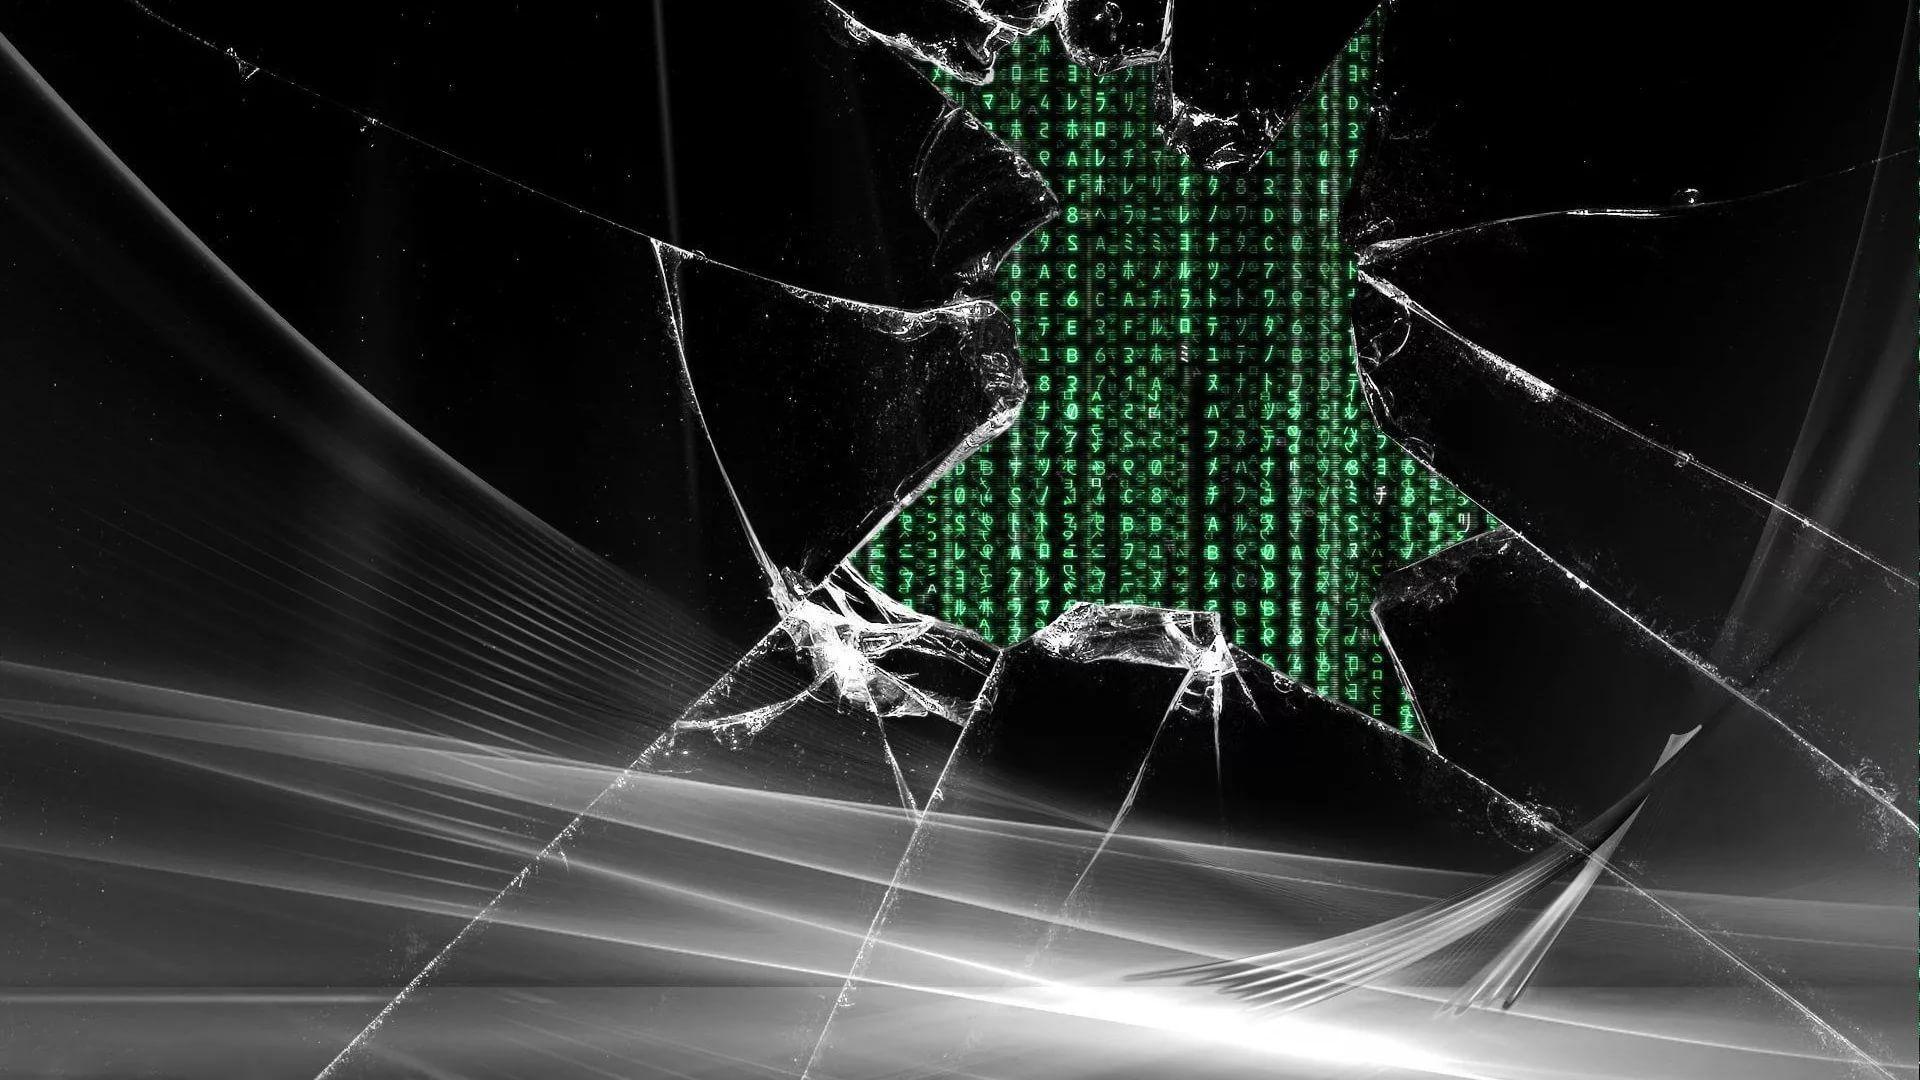 Broken Screen download nice wallpaper